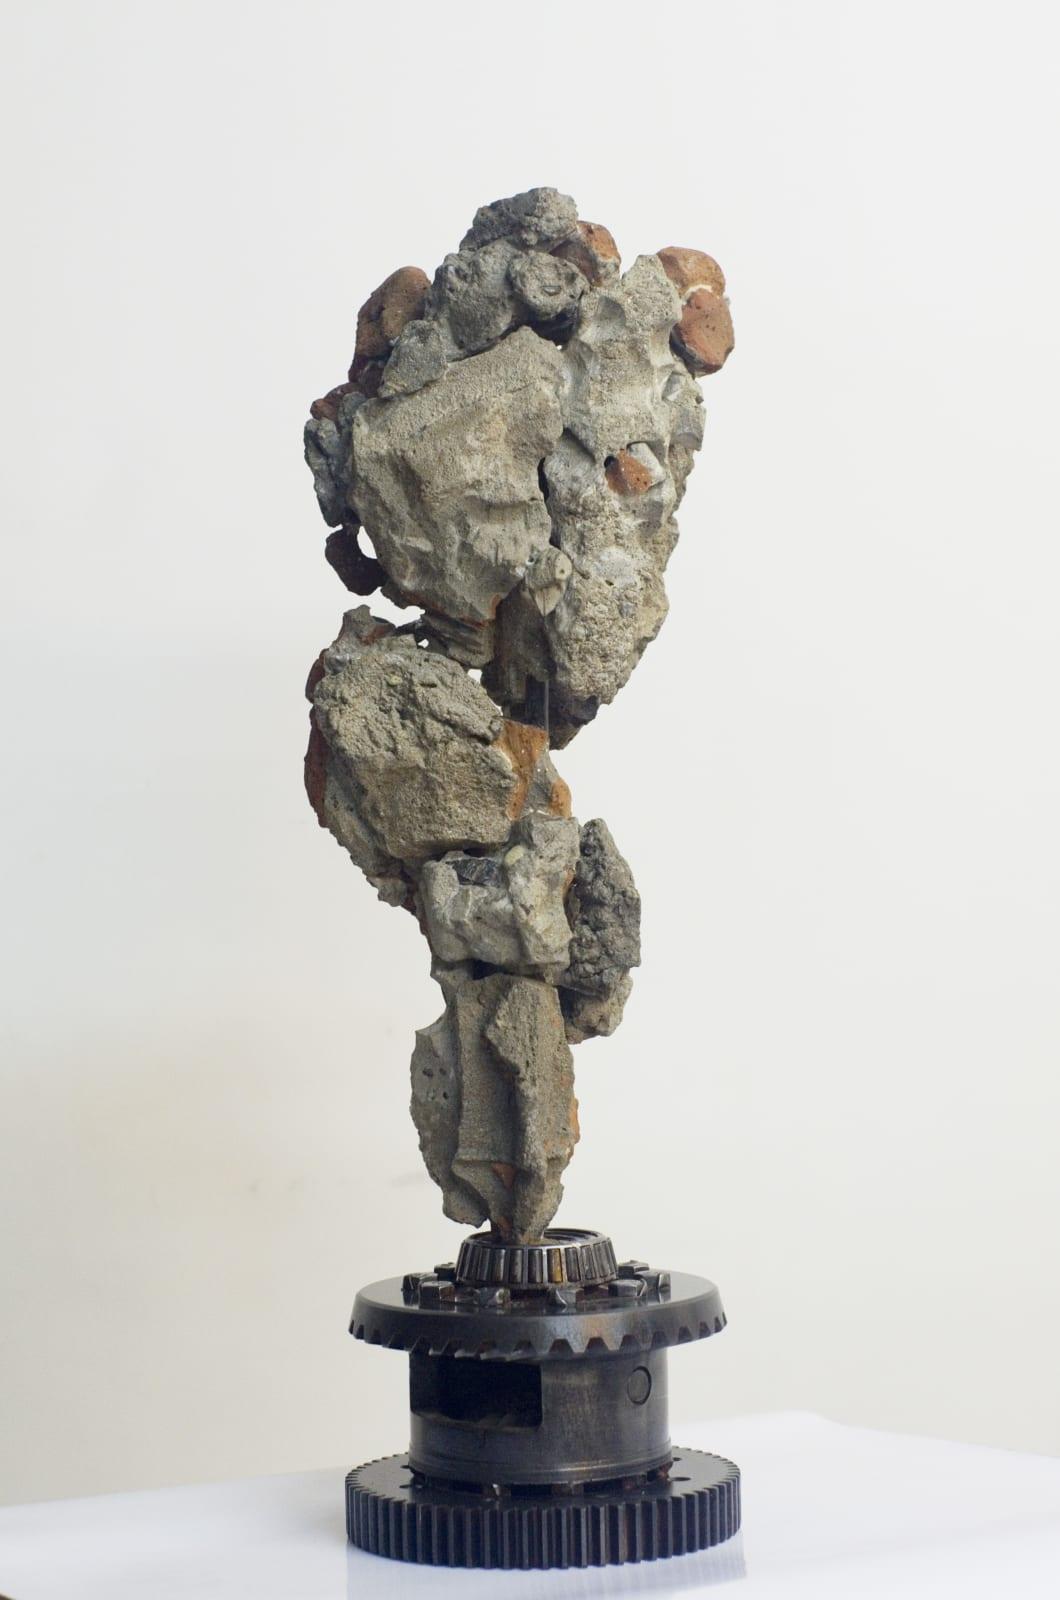 Shi Jinsong 史金淞, Qian Chuang Yuan 002 千創園叠石 002, 2012